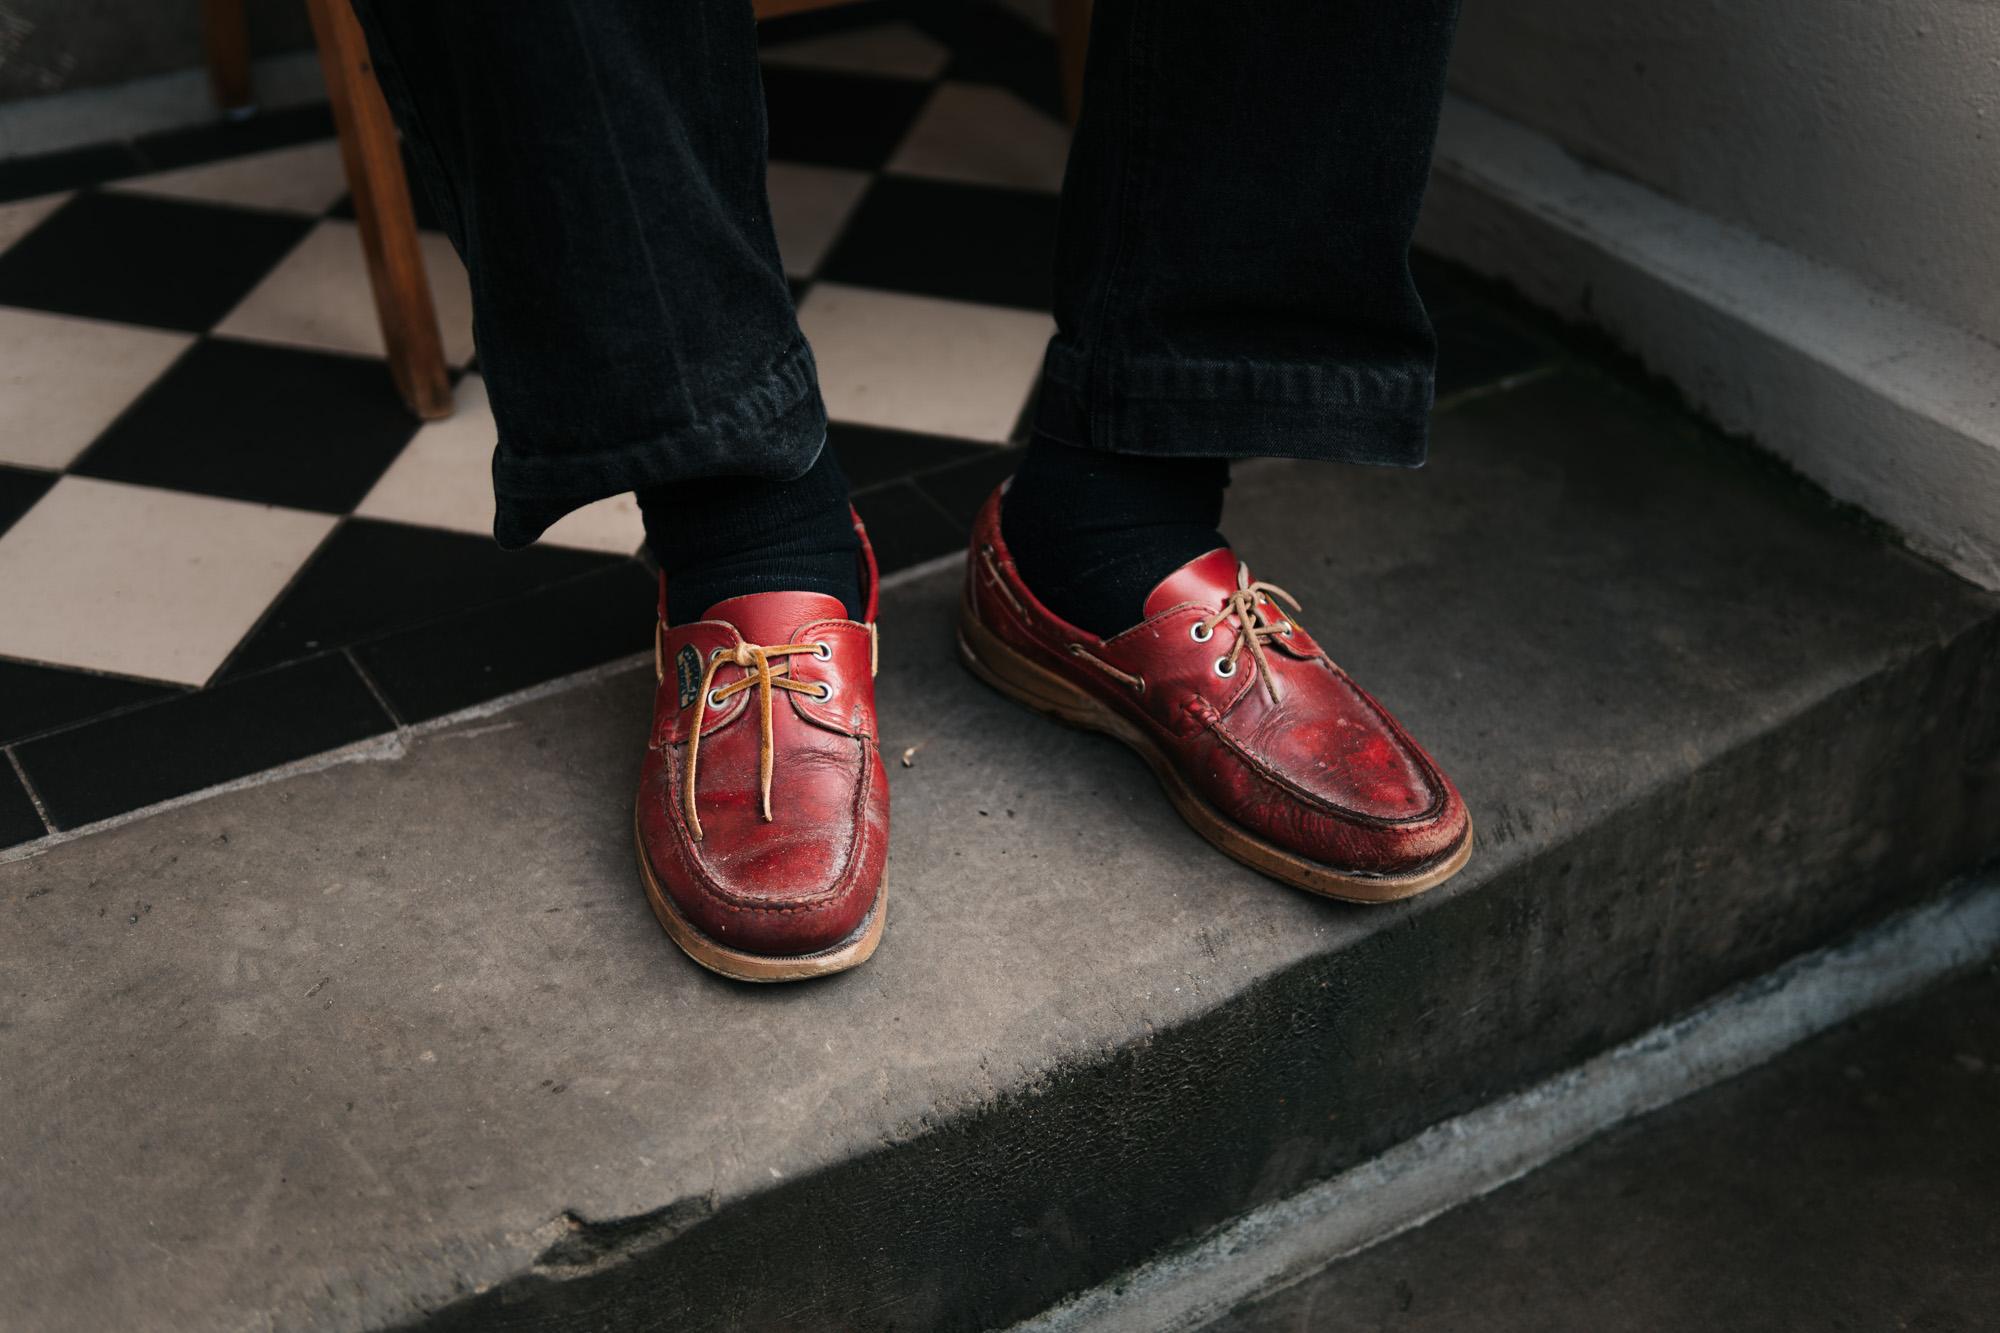 H.W. Sotrop Rote Schuhe auf Veranda